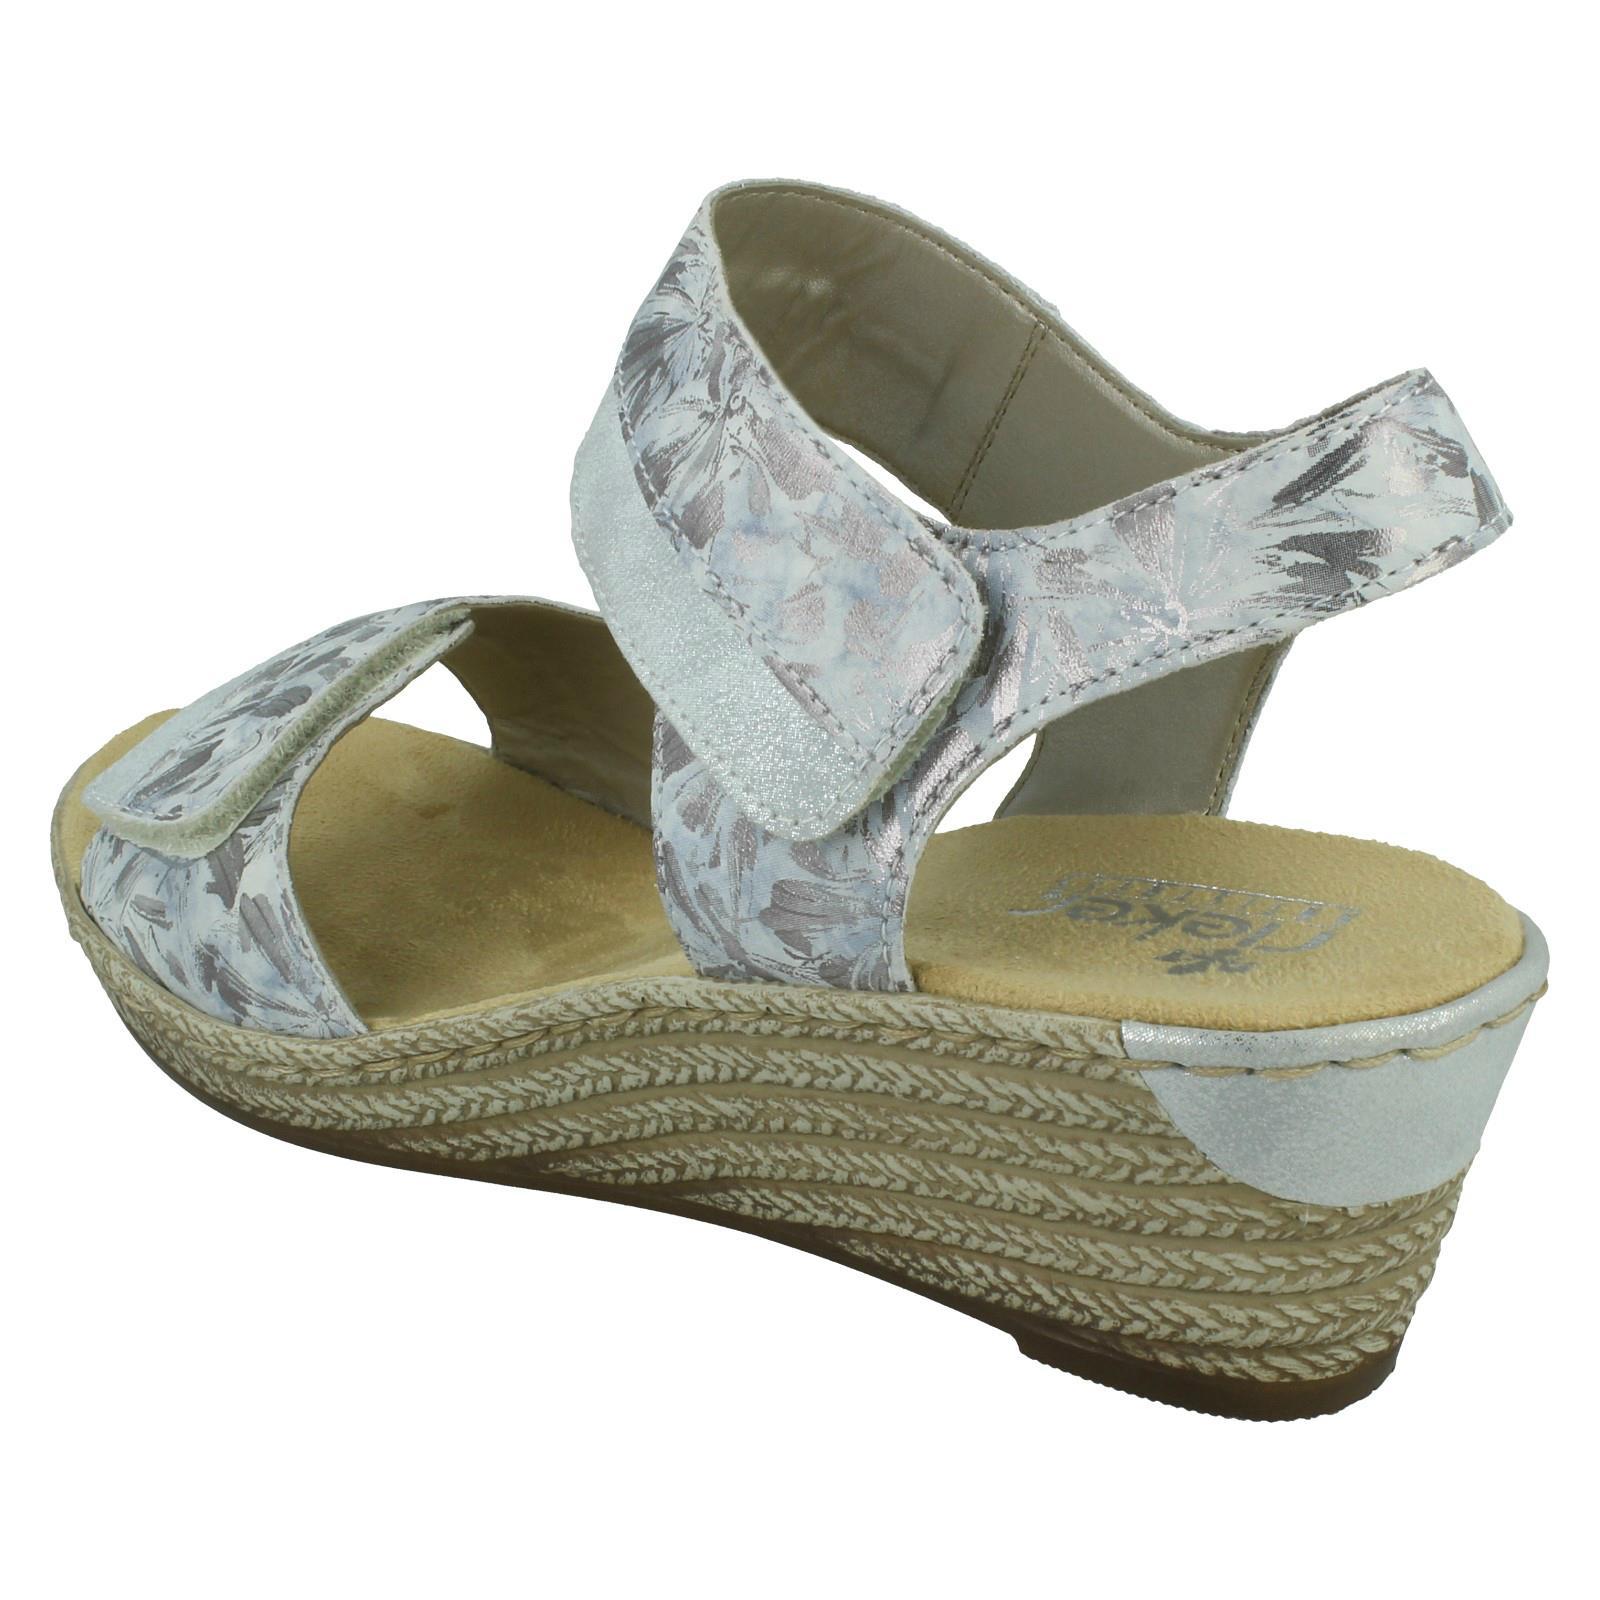 Details zu Damen rieker Keilabsatz Haken & Schlaufe Sandalen 62470